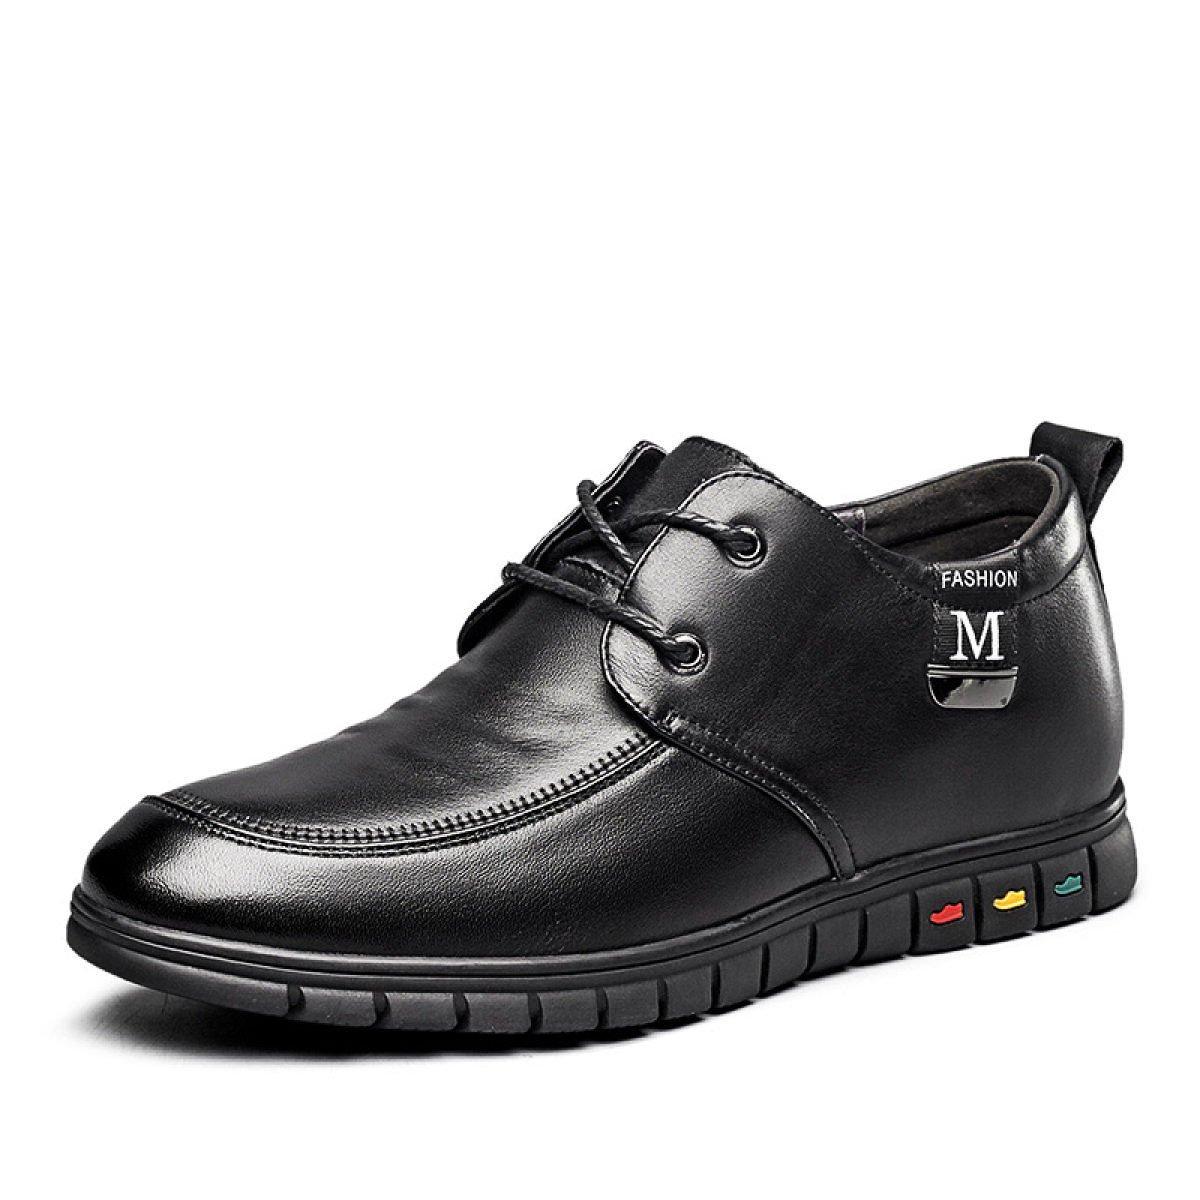 MUYII Herren Oxfords Leder Kleid Schuhe Erhöhte Höhe Ferse 25 MM Casual Lace Up Herren Rutschfeste Schuhe Geschäft-Schuhe für Männer